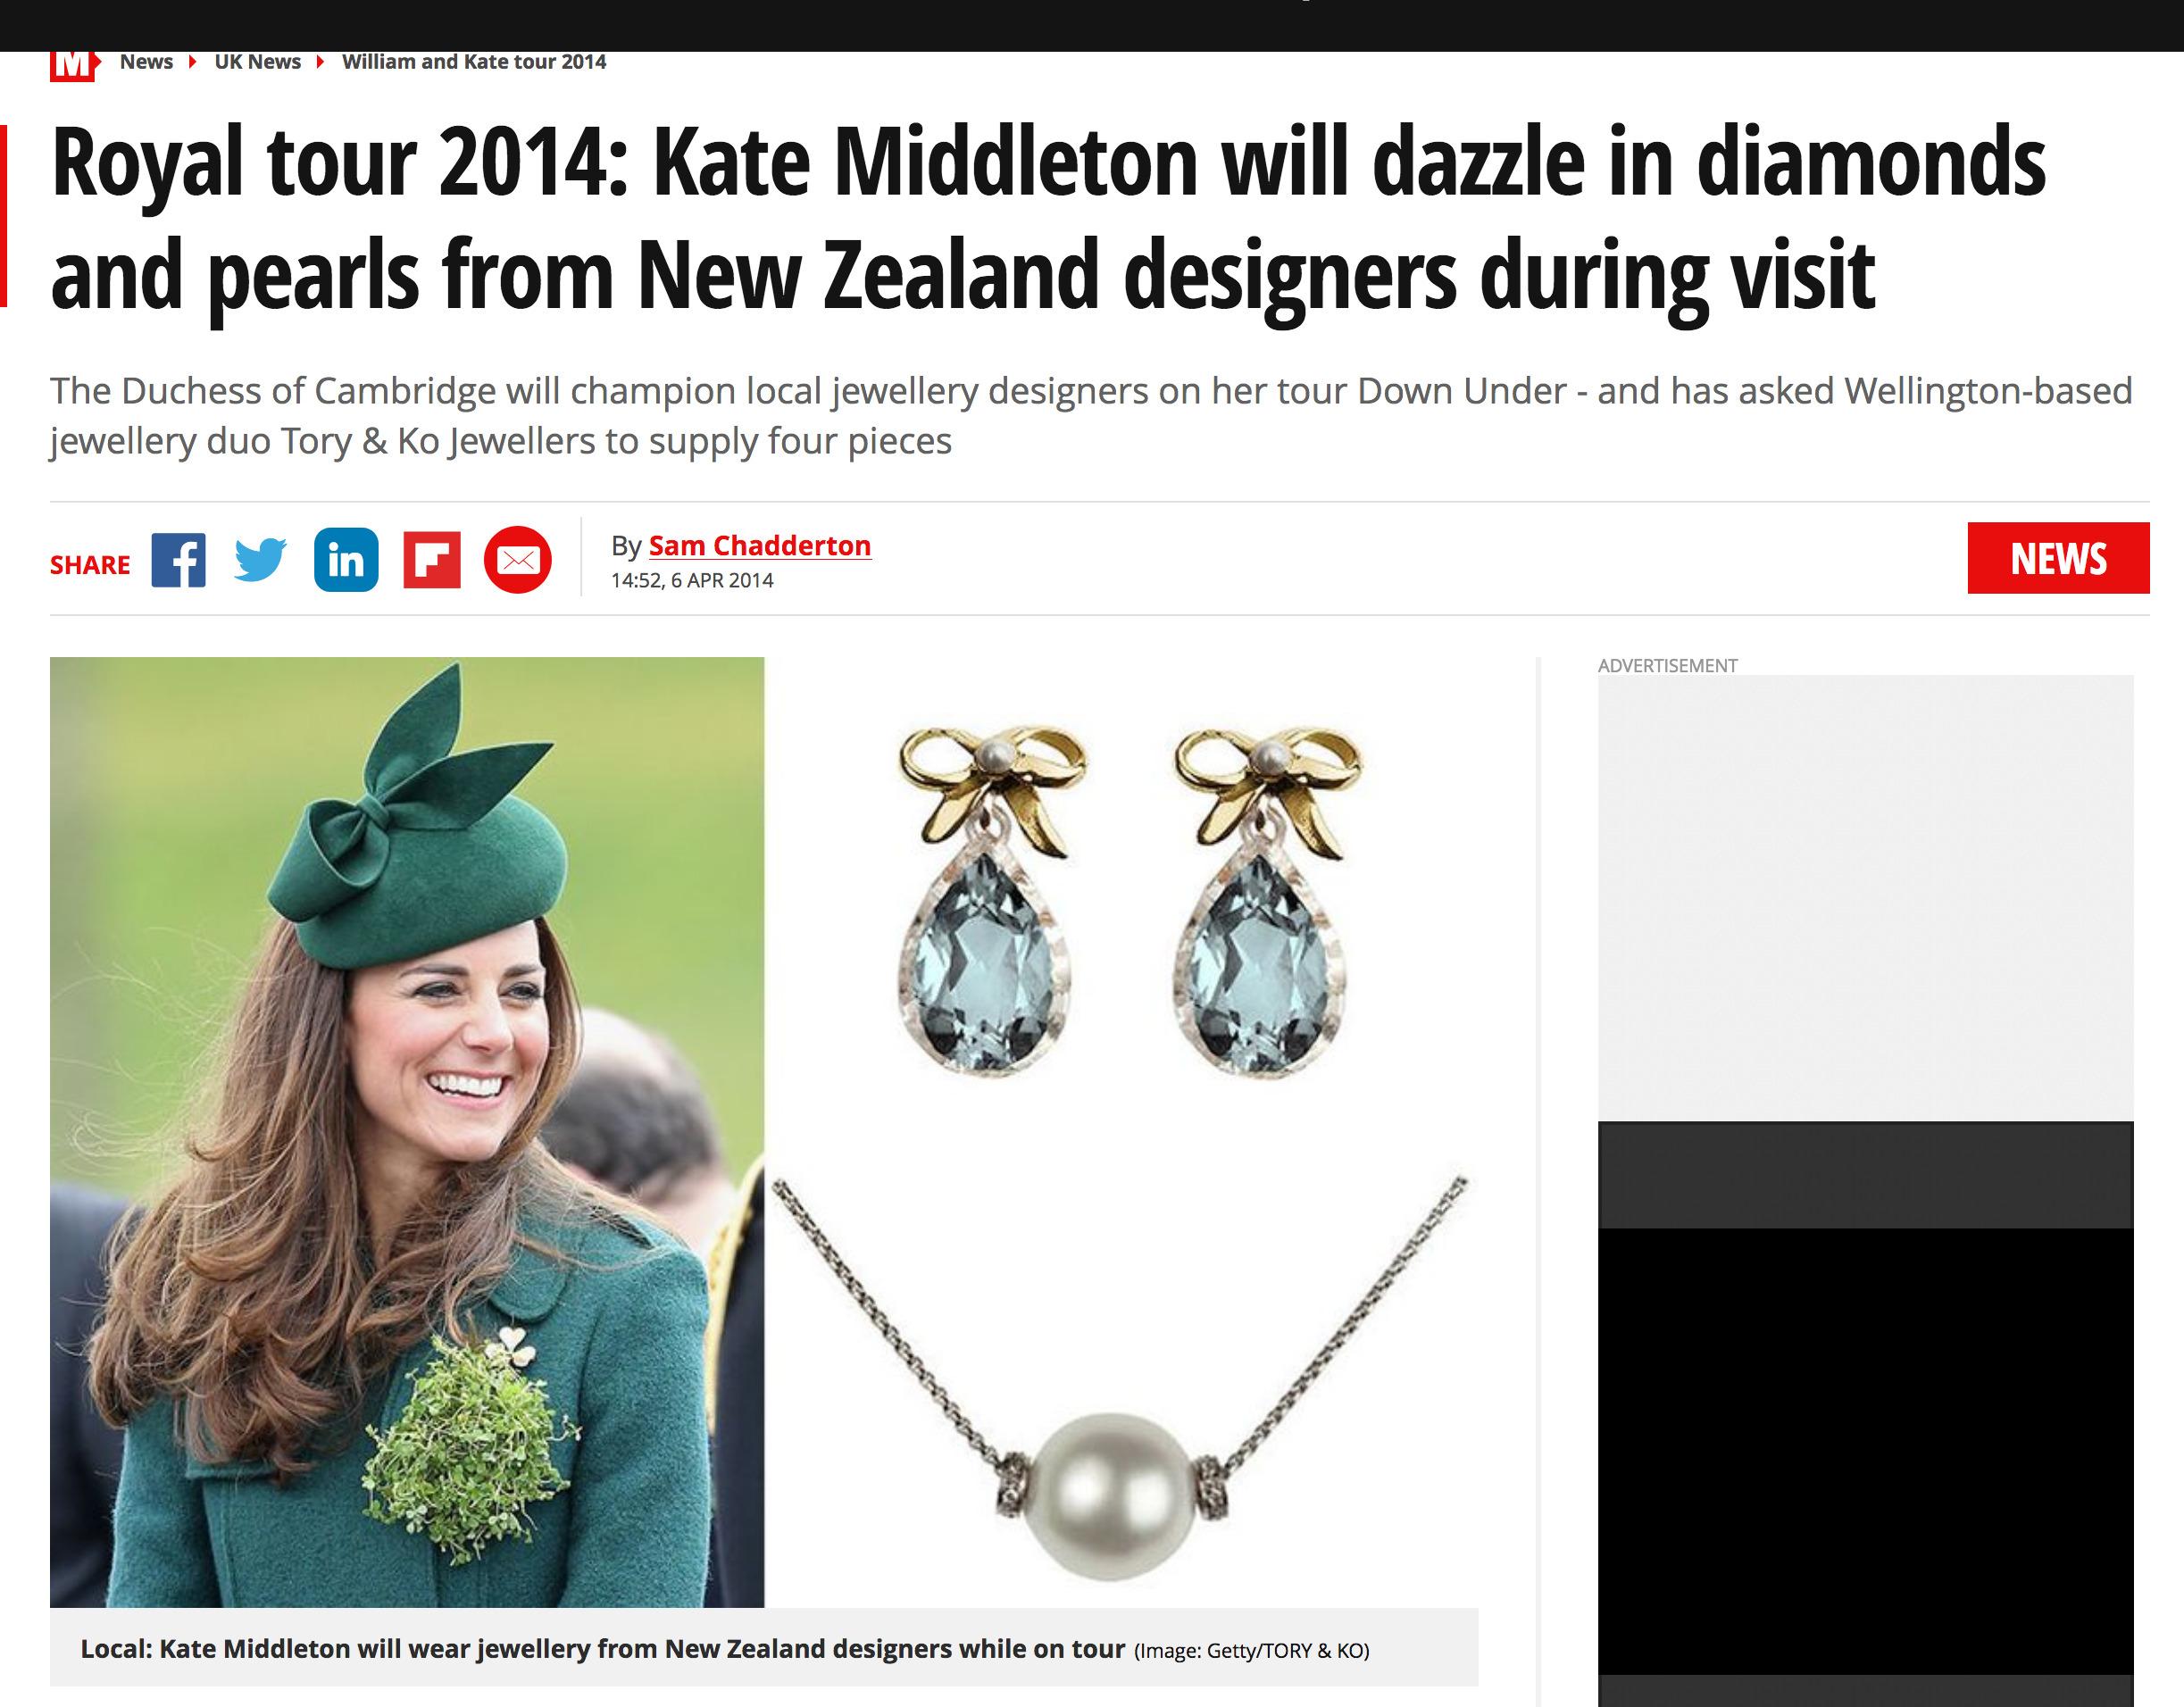 Daily Mirror UK - http://bit.ly/DailyMIrrorUK